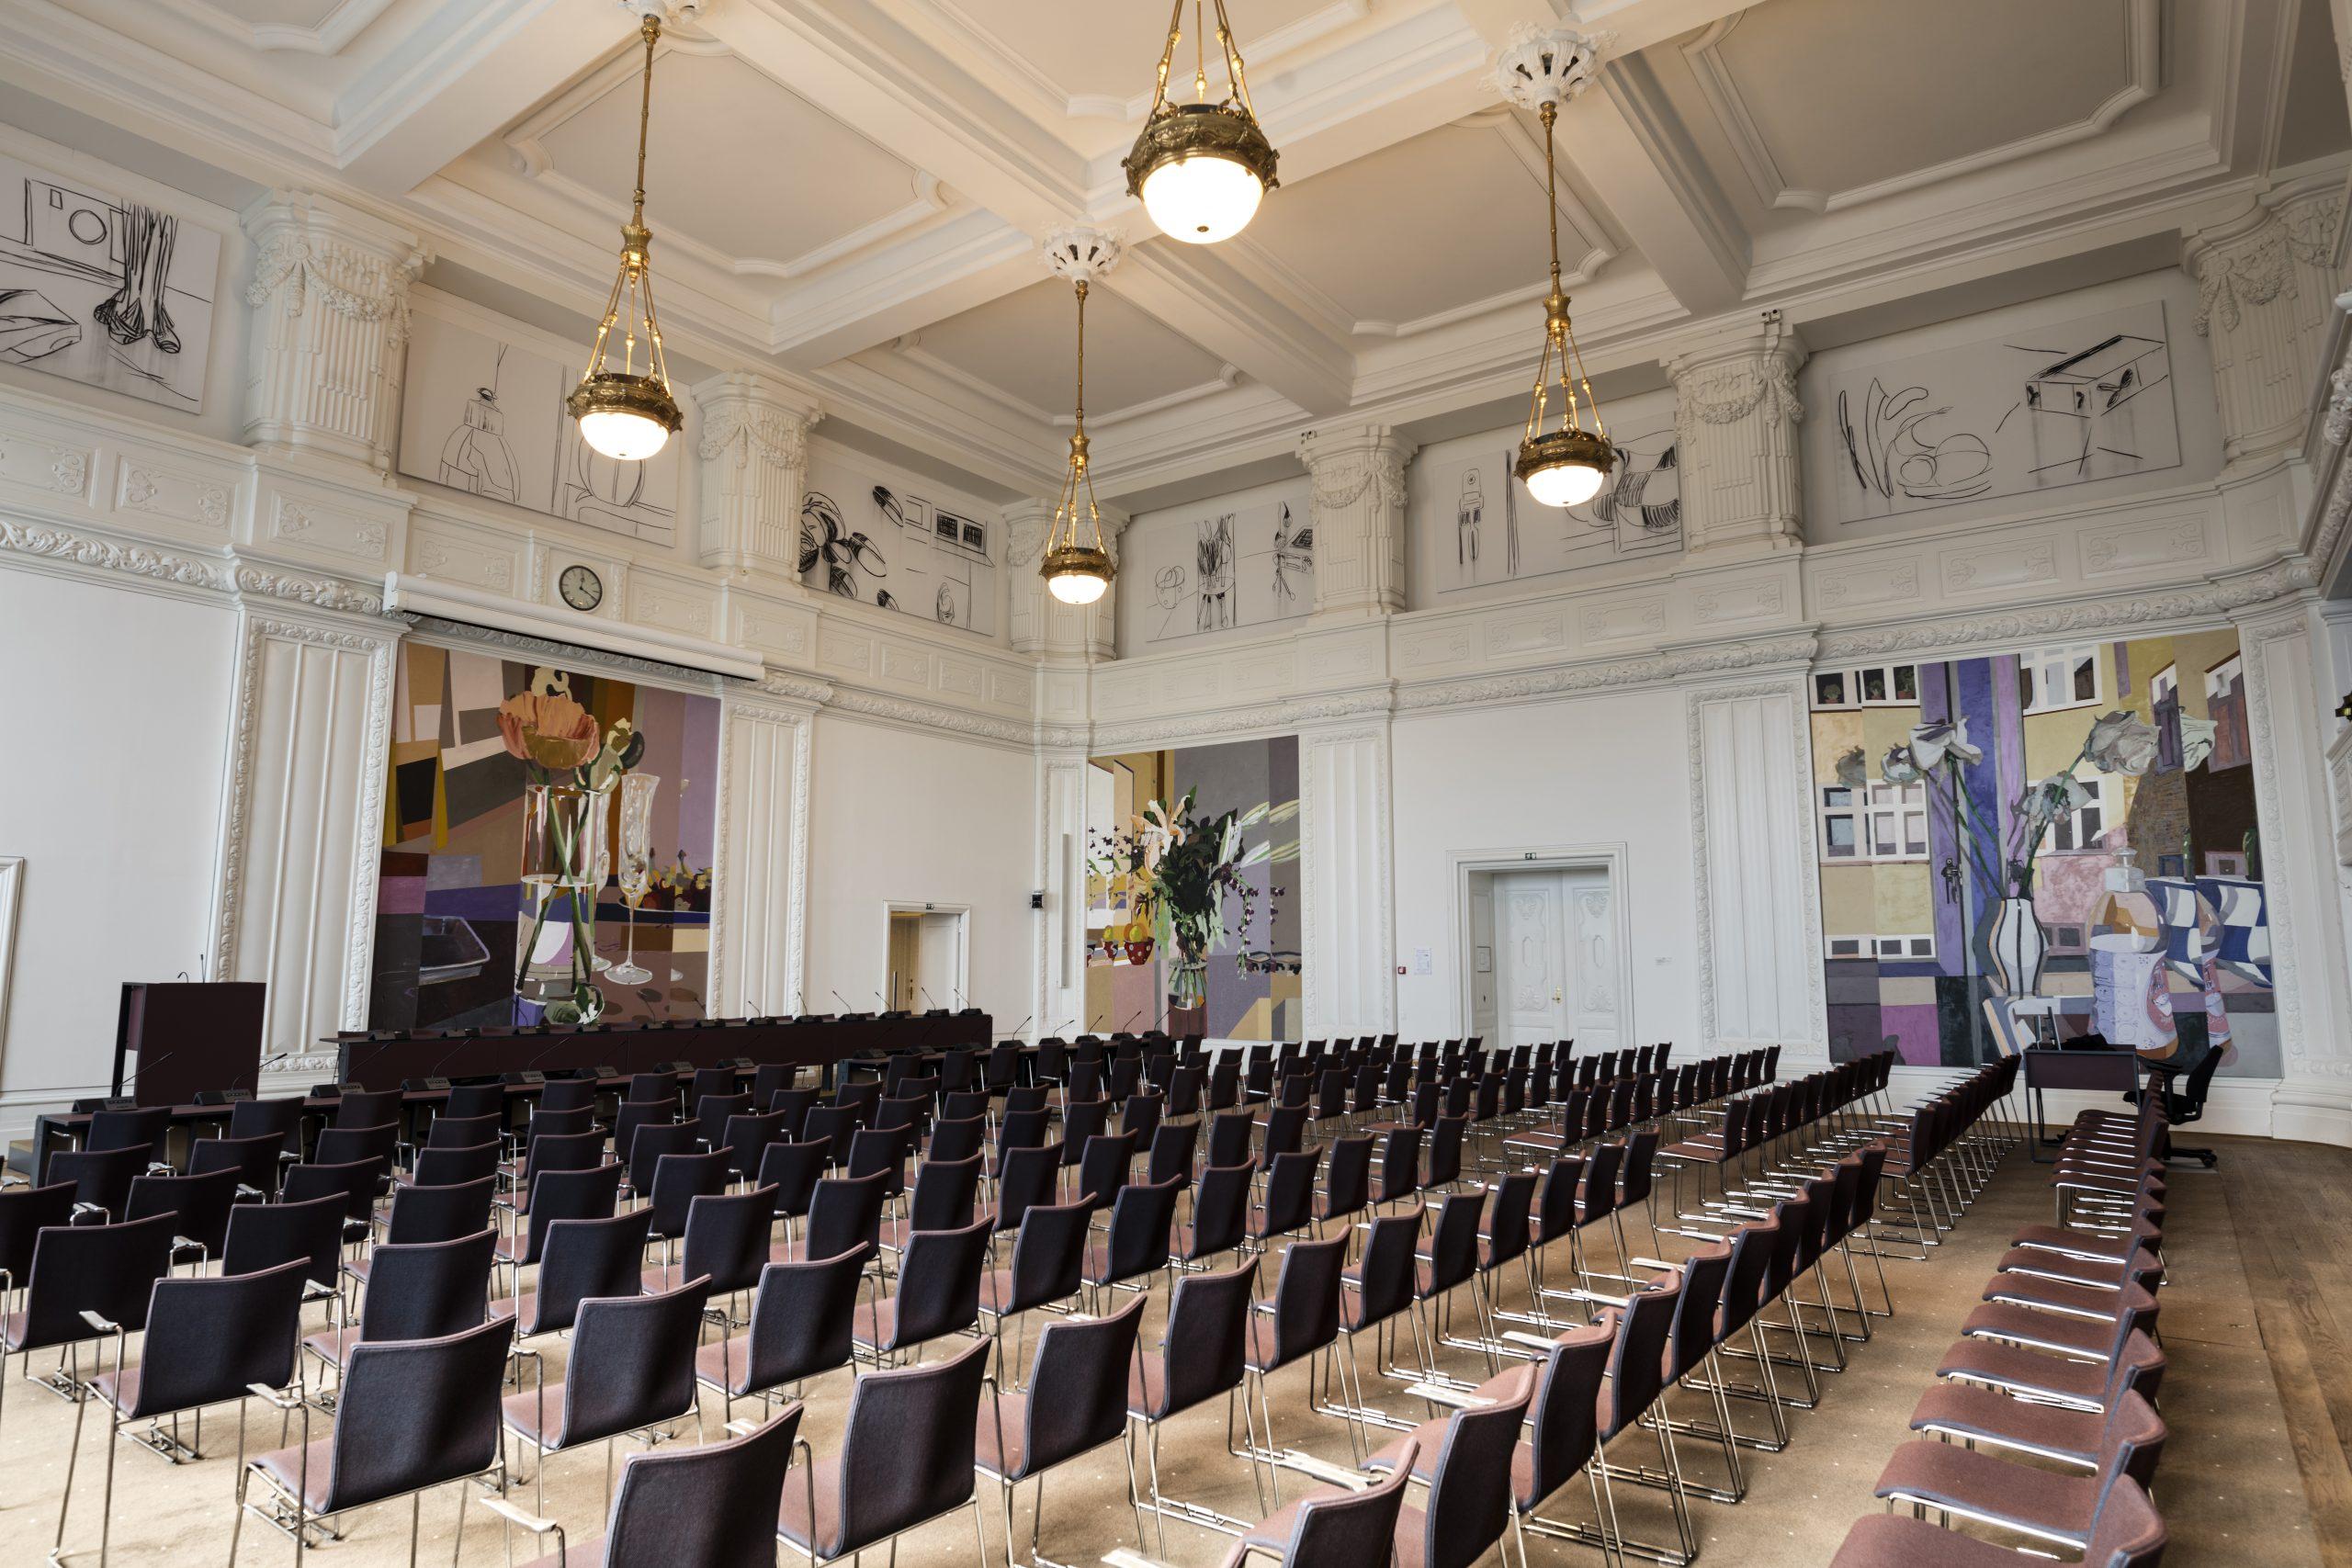 Landstingssalen på Christiansborg er i dag klokken 16 ramme om møde i Det Udenrigspolitiske Nævn med ét punkt på agendaen: de danske rejsevejledninger. Foto for Folketinget: David Kahr.